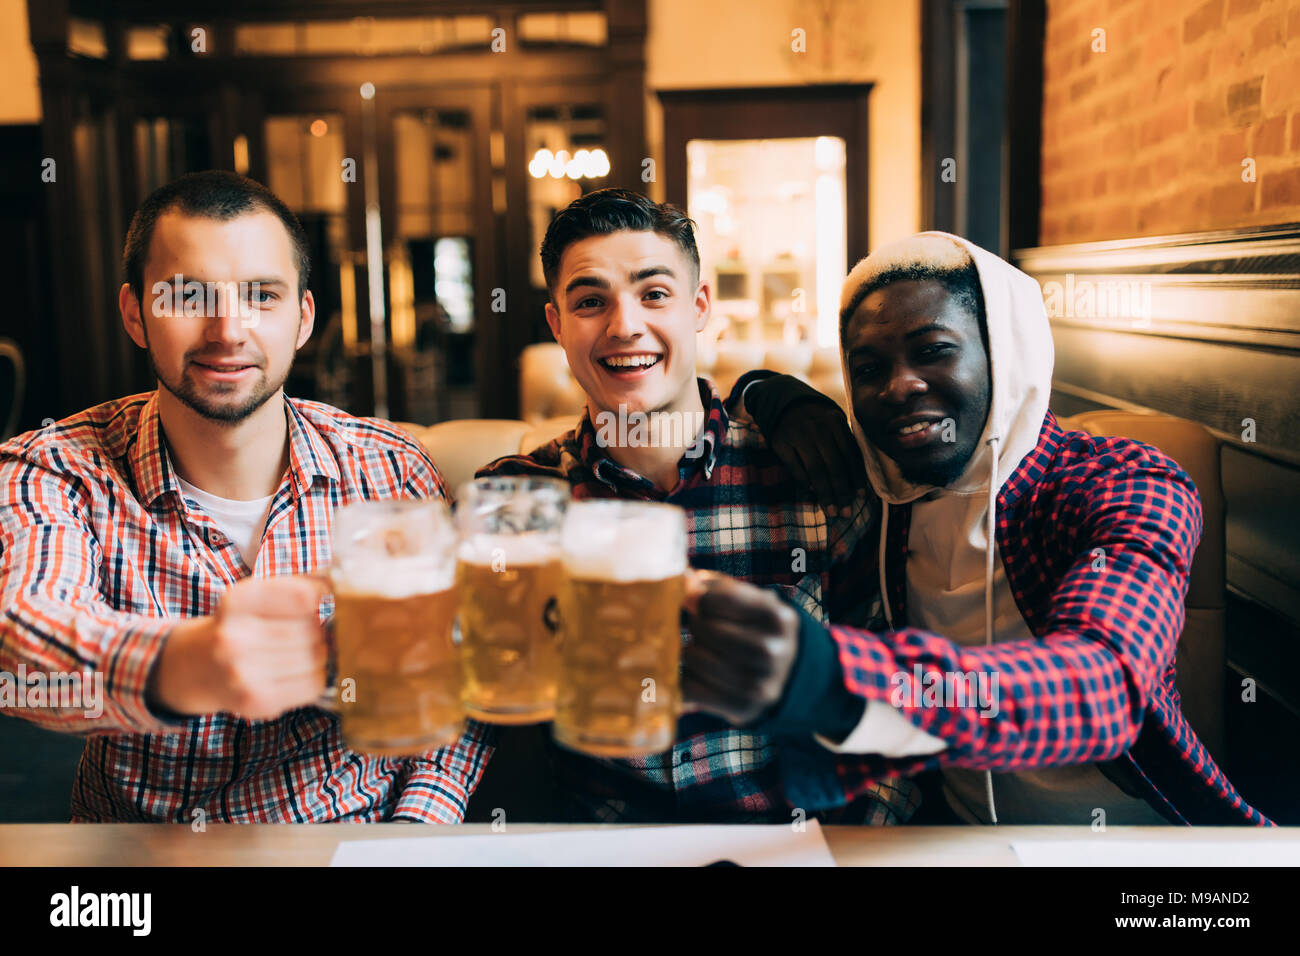 Happy männlichen Freunden Bier trinken und klirren Gläser an der Bar oder pub Stockbild